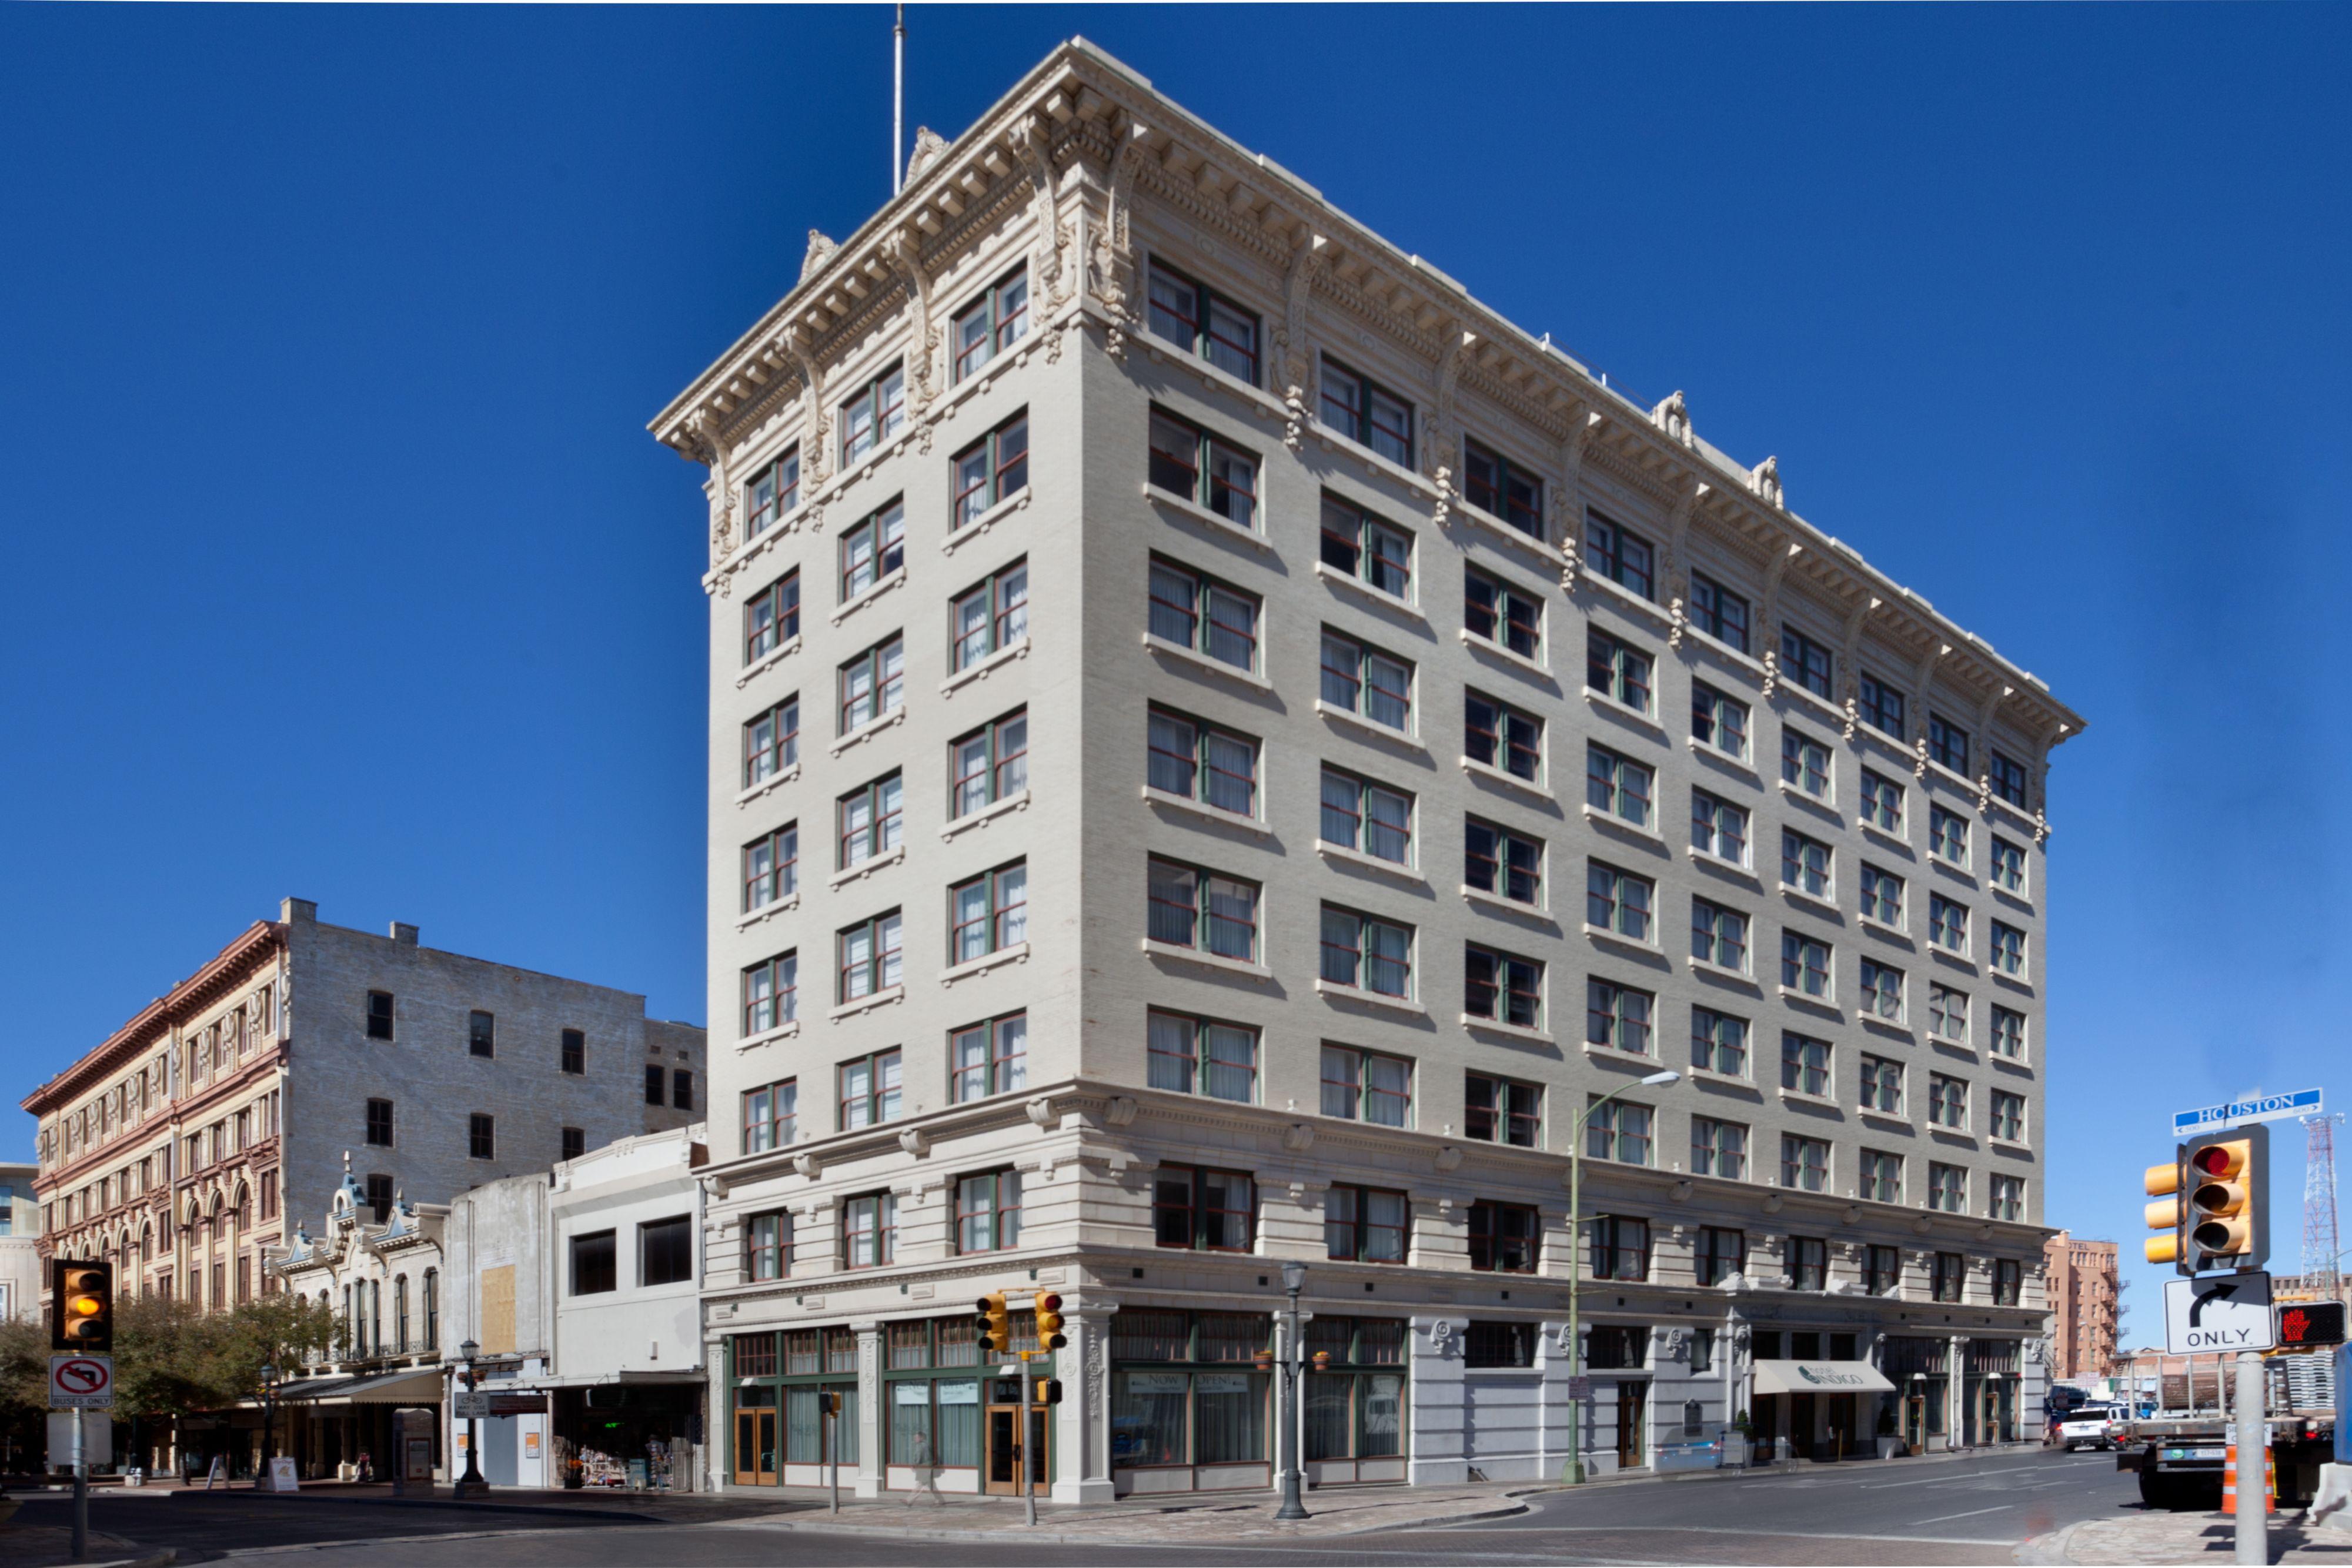 Hotel Indigo San Antonio Downtown Alamo Closed In San Antonio Tx 78205